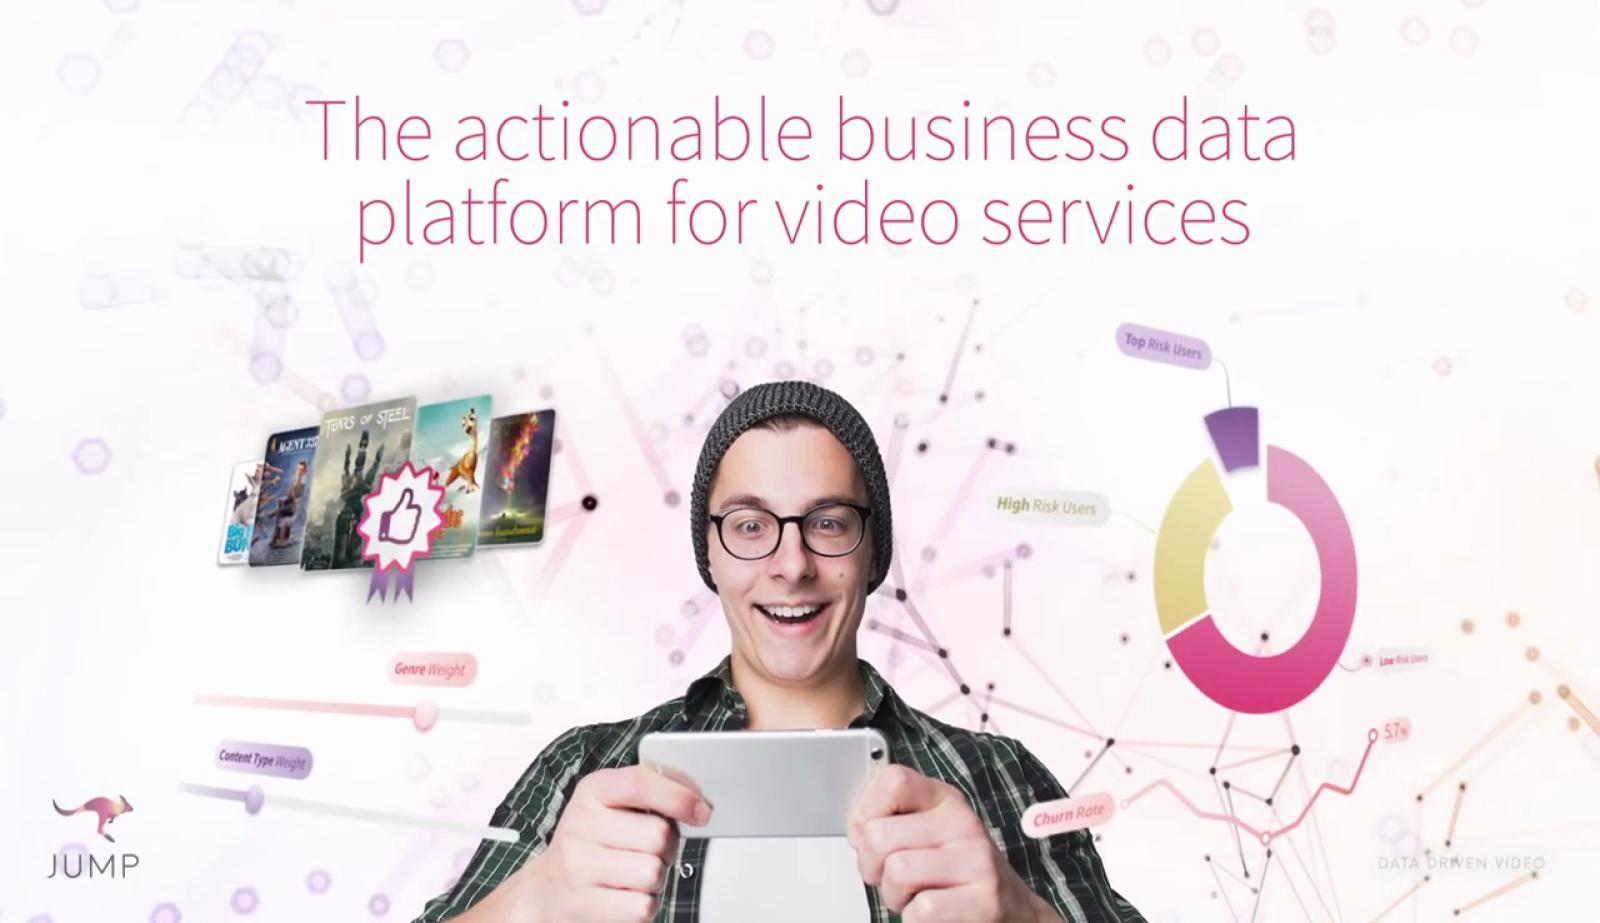 Jump TVS es una startup que ofrece a la industria audiovisual servicios de analítica avanzada para influir en la satisfacción de los clientes de servicios de video